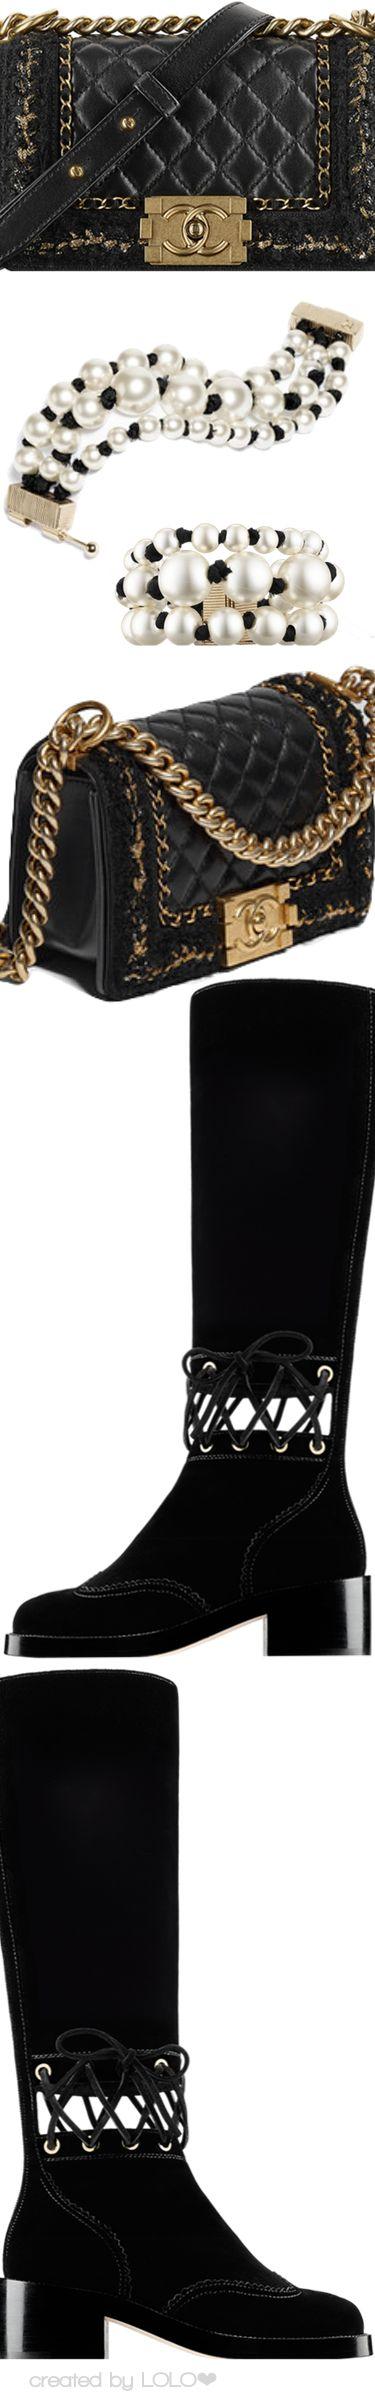 Chanel F/W 2016 Accessories | LOLO❤︎